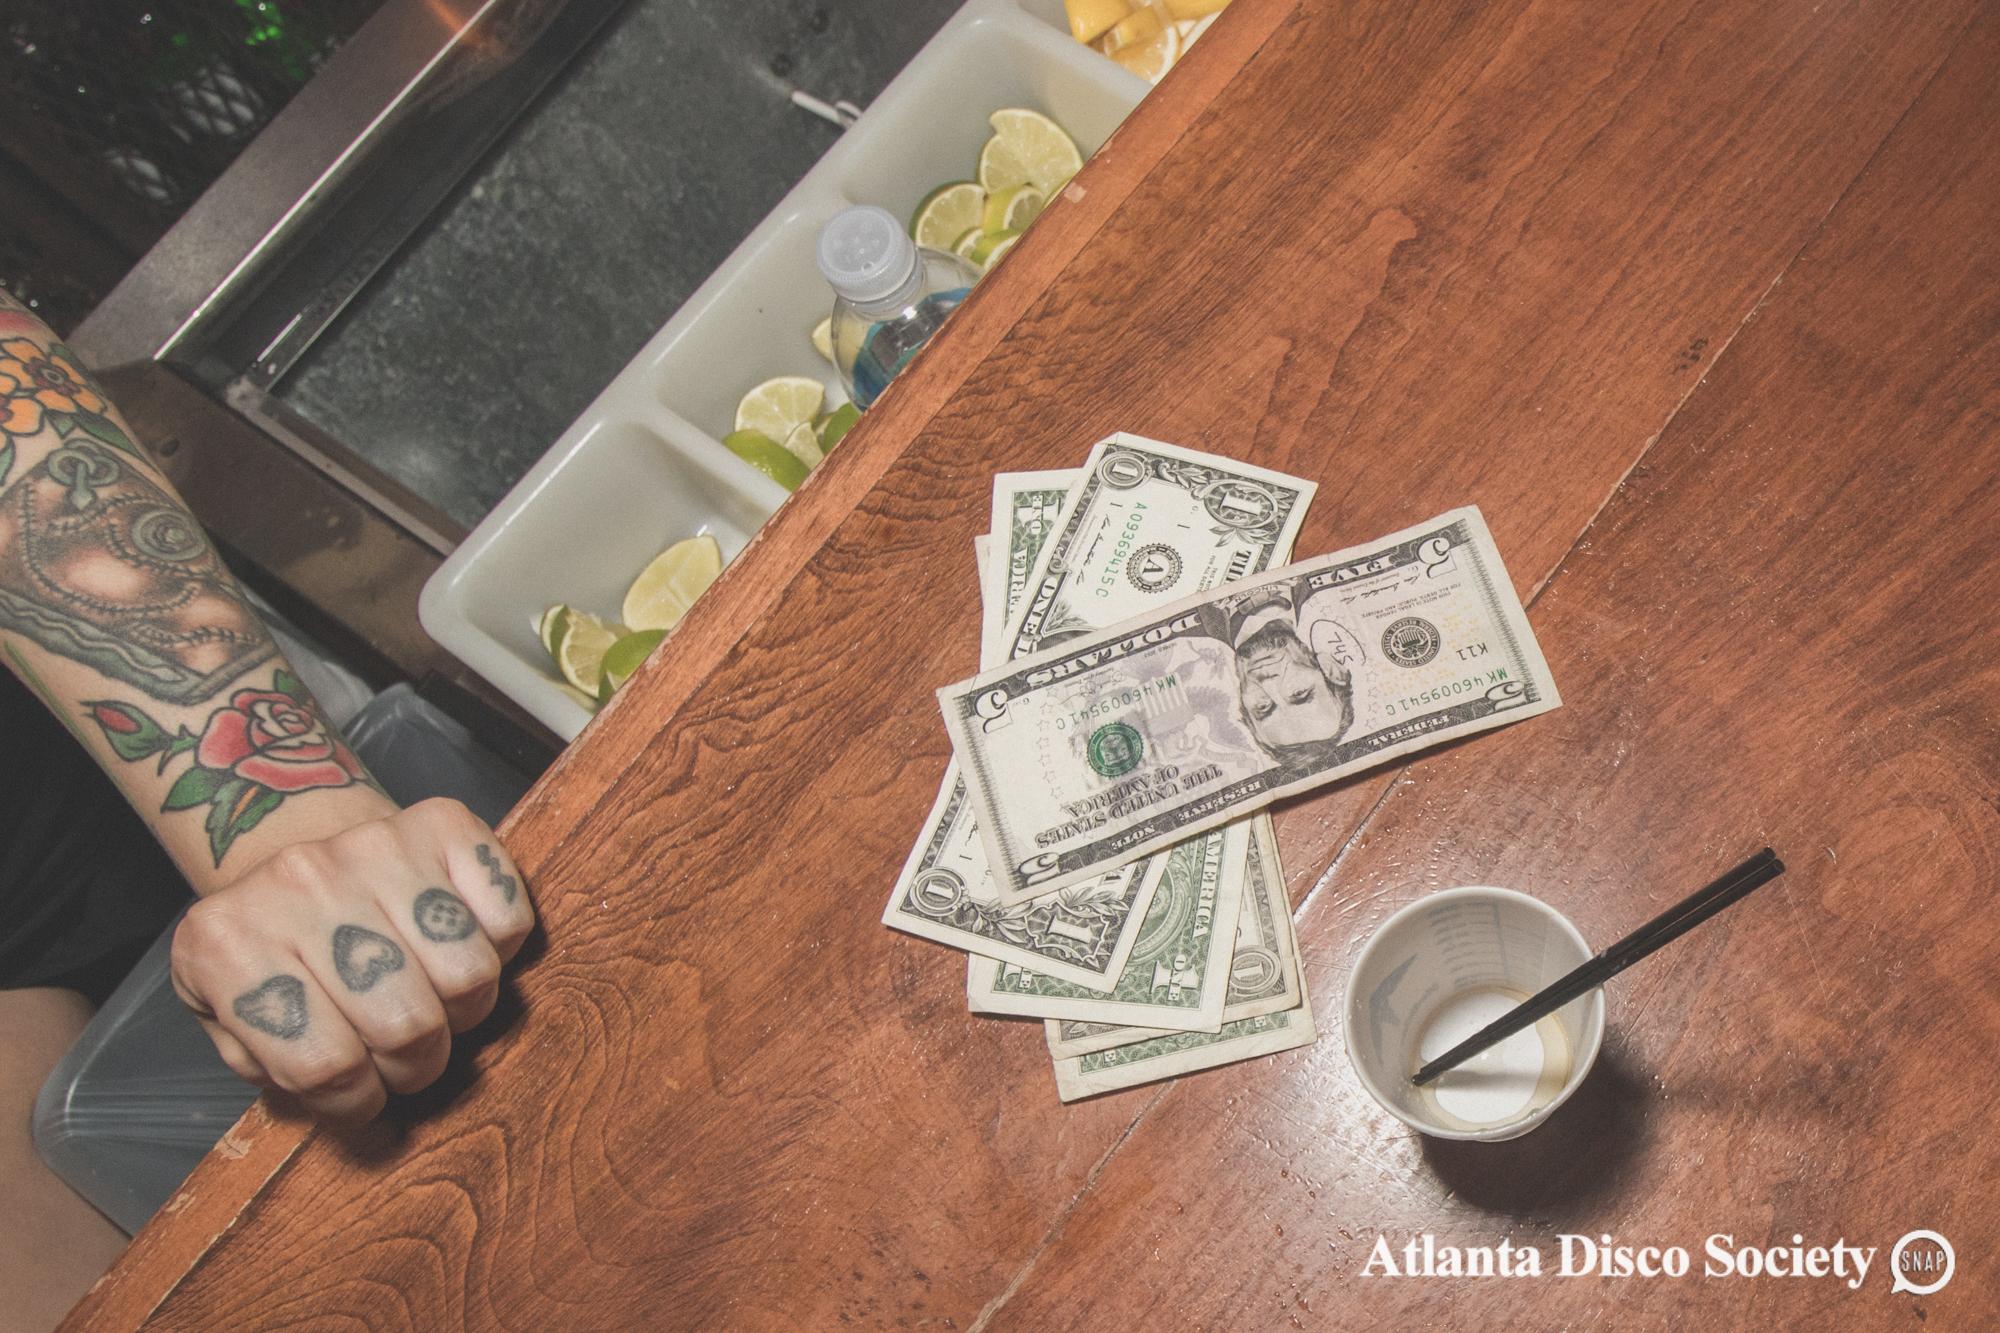 143Atlanta Disco Society Grace Kelly Oh Snap Kid 7.27.19.jpg